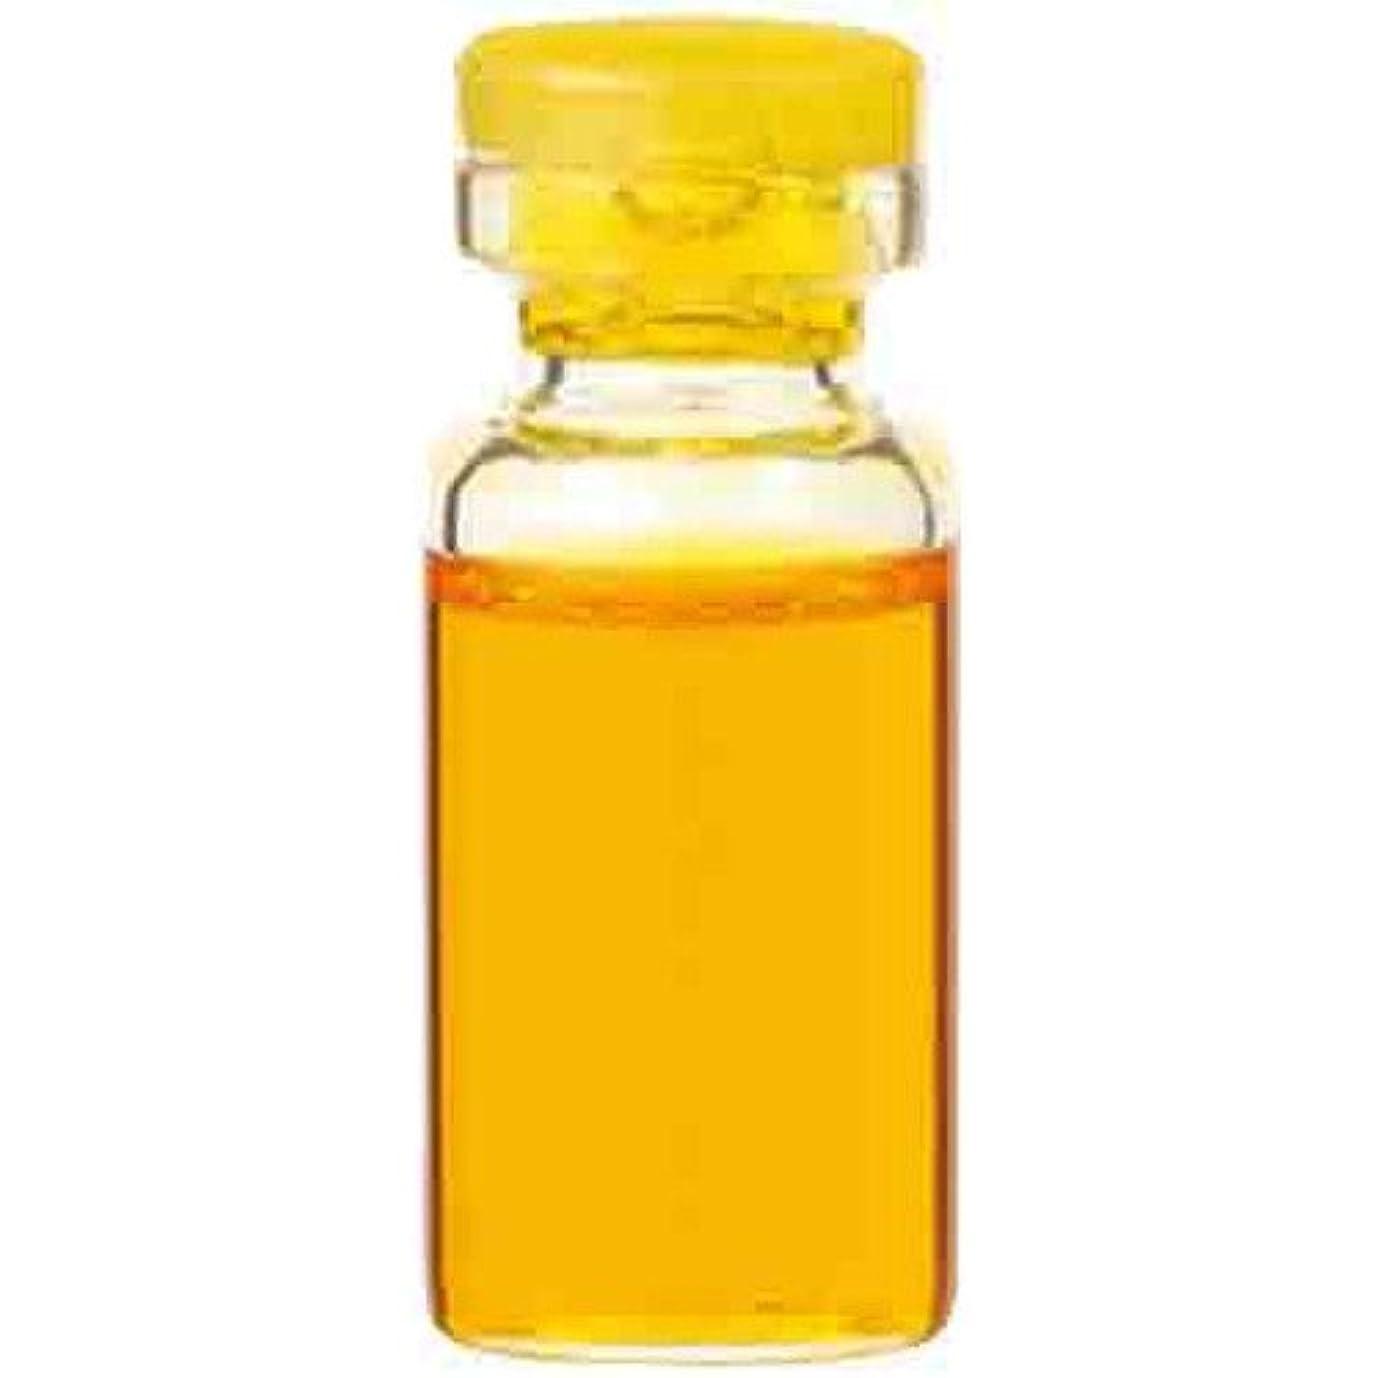 支出マーベル復讐生活の木 Herbal Life Organic オレンジスイート 10ml